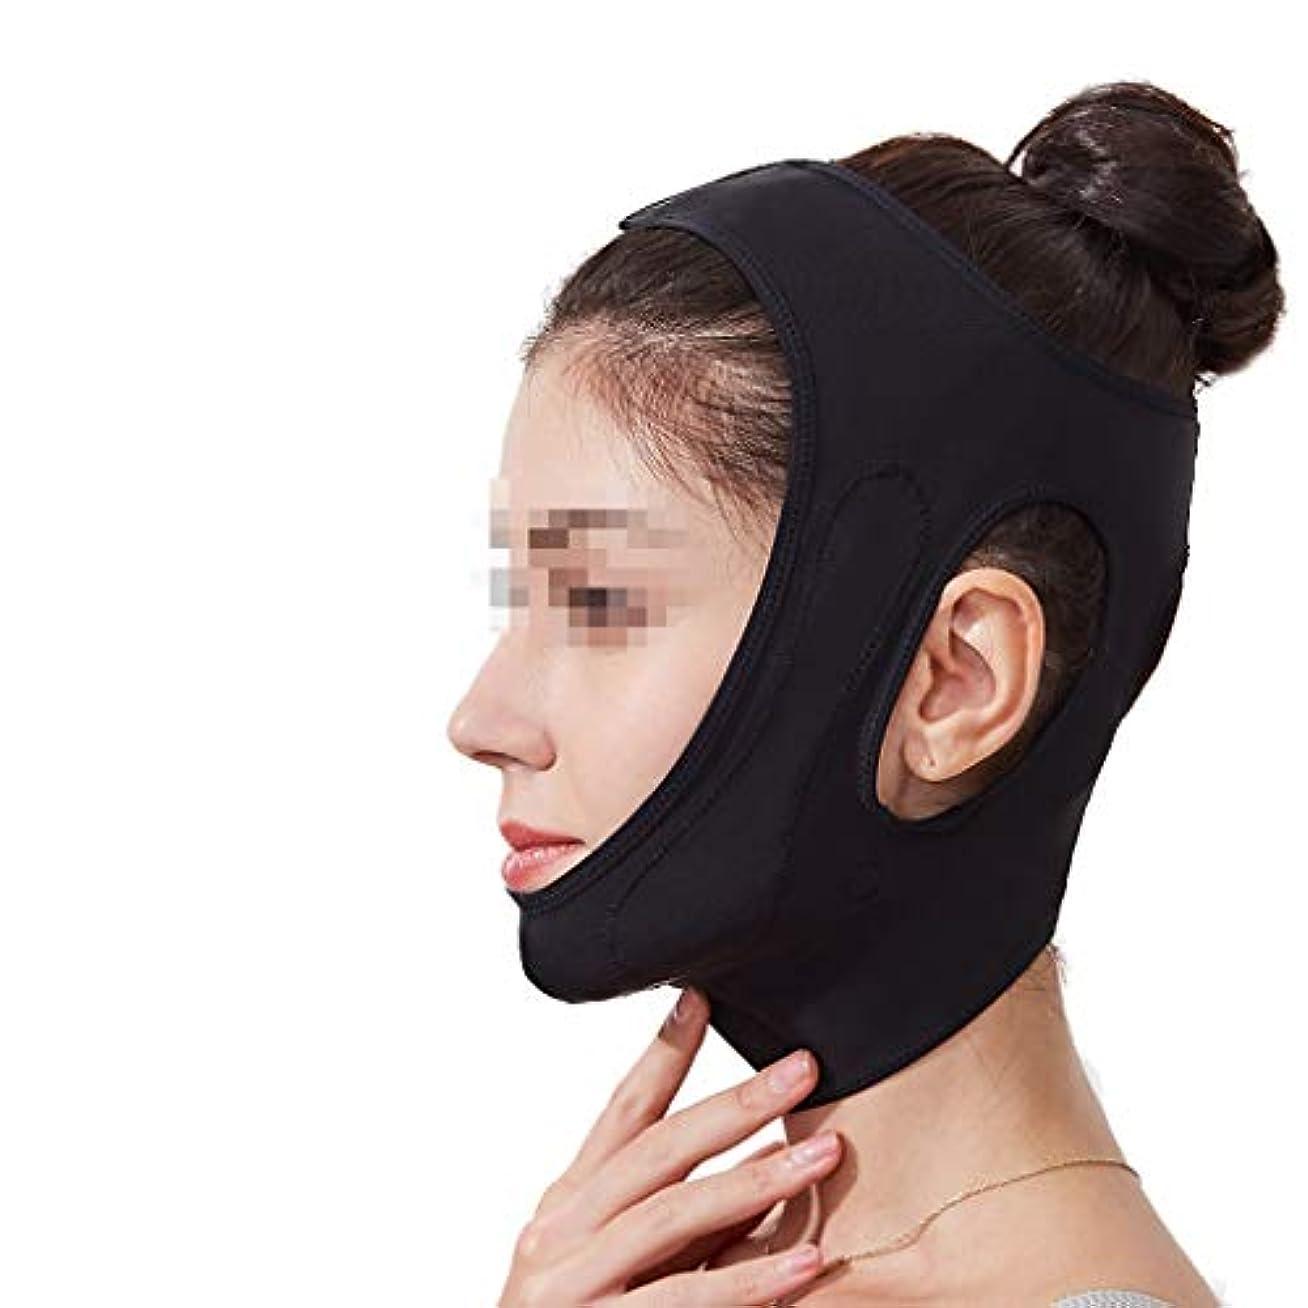 期待する叫ぶ経過XHLMRMJ フェイスリフティング包帯、フェイスマスクフェイスリフトあご快適な顔マルチカラーオプション (Color : Black)